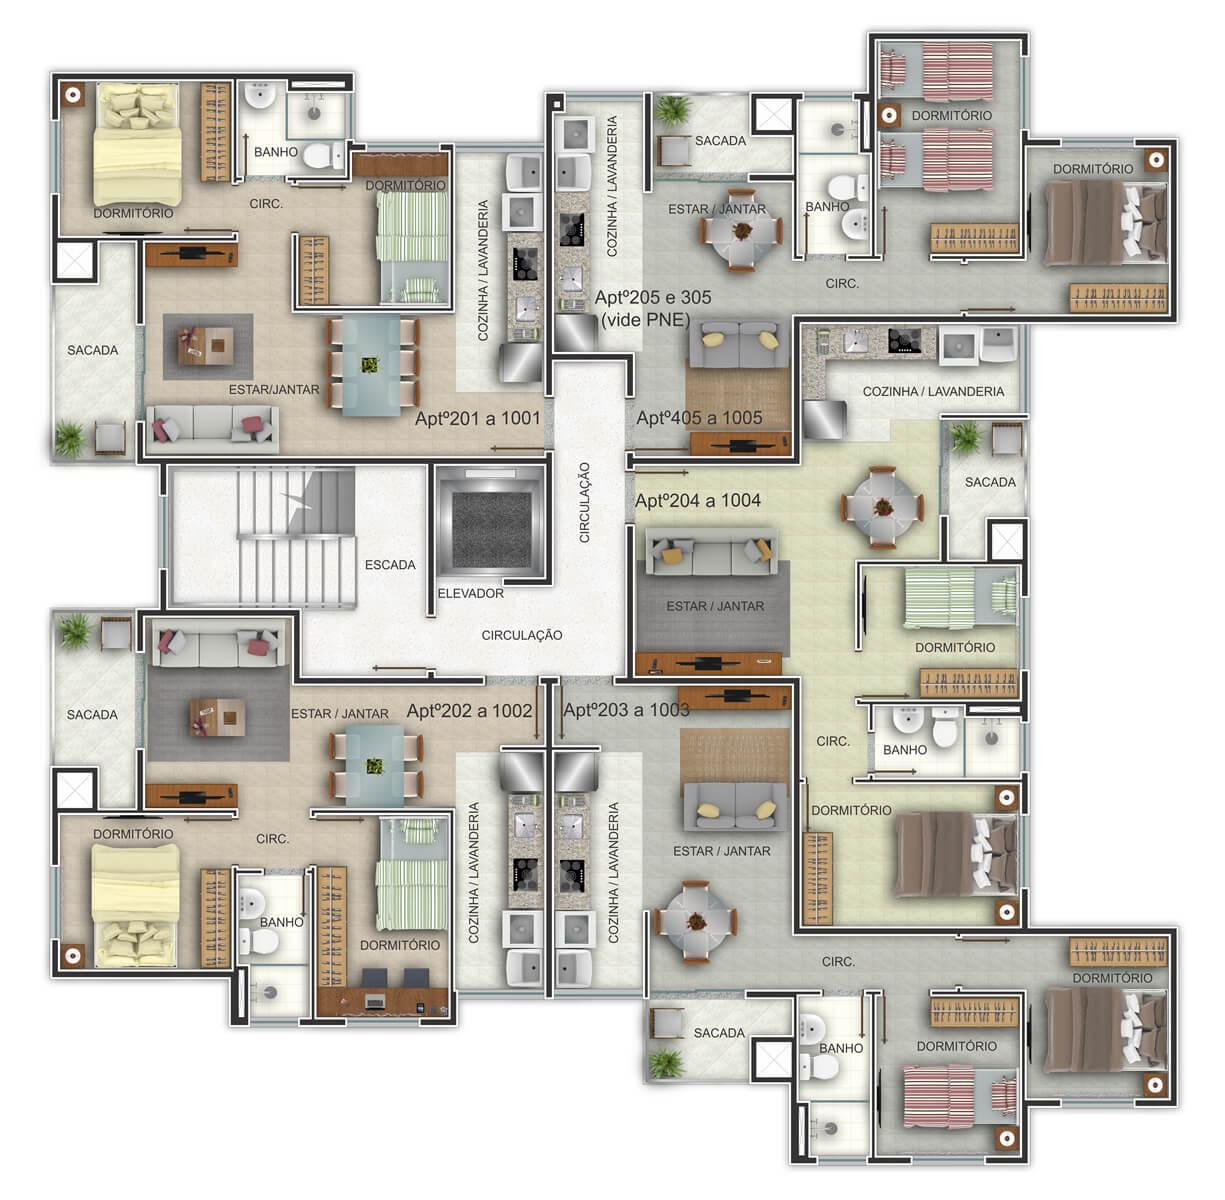 Edifício Residencial Ideal - Planta Baixa Habitada Completa G. Ghem Engenharia